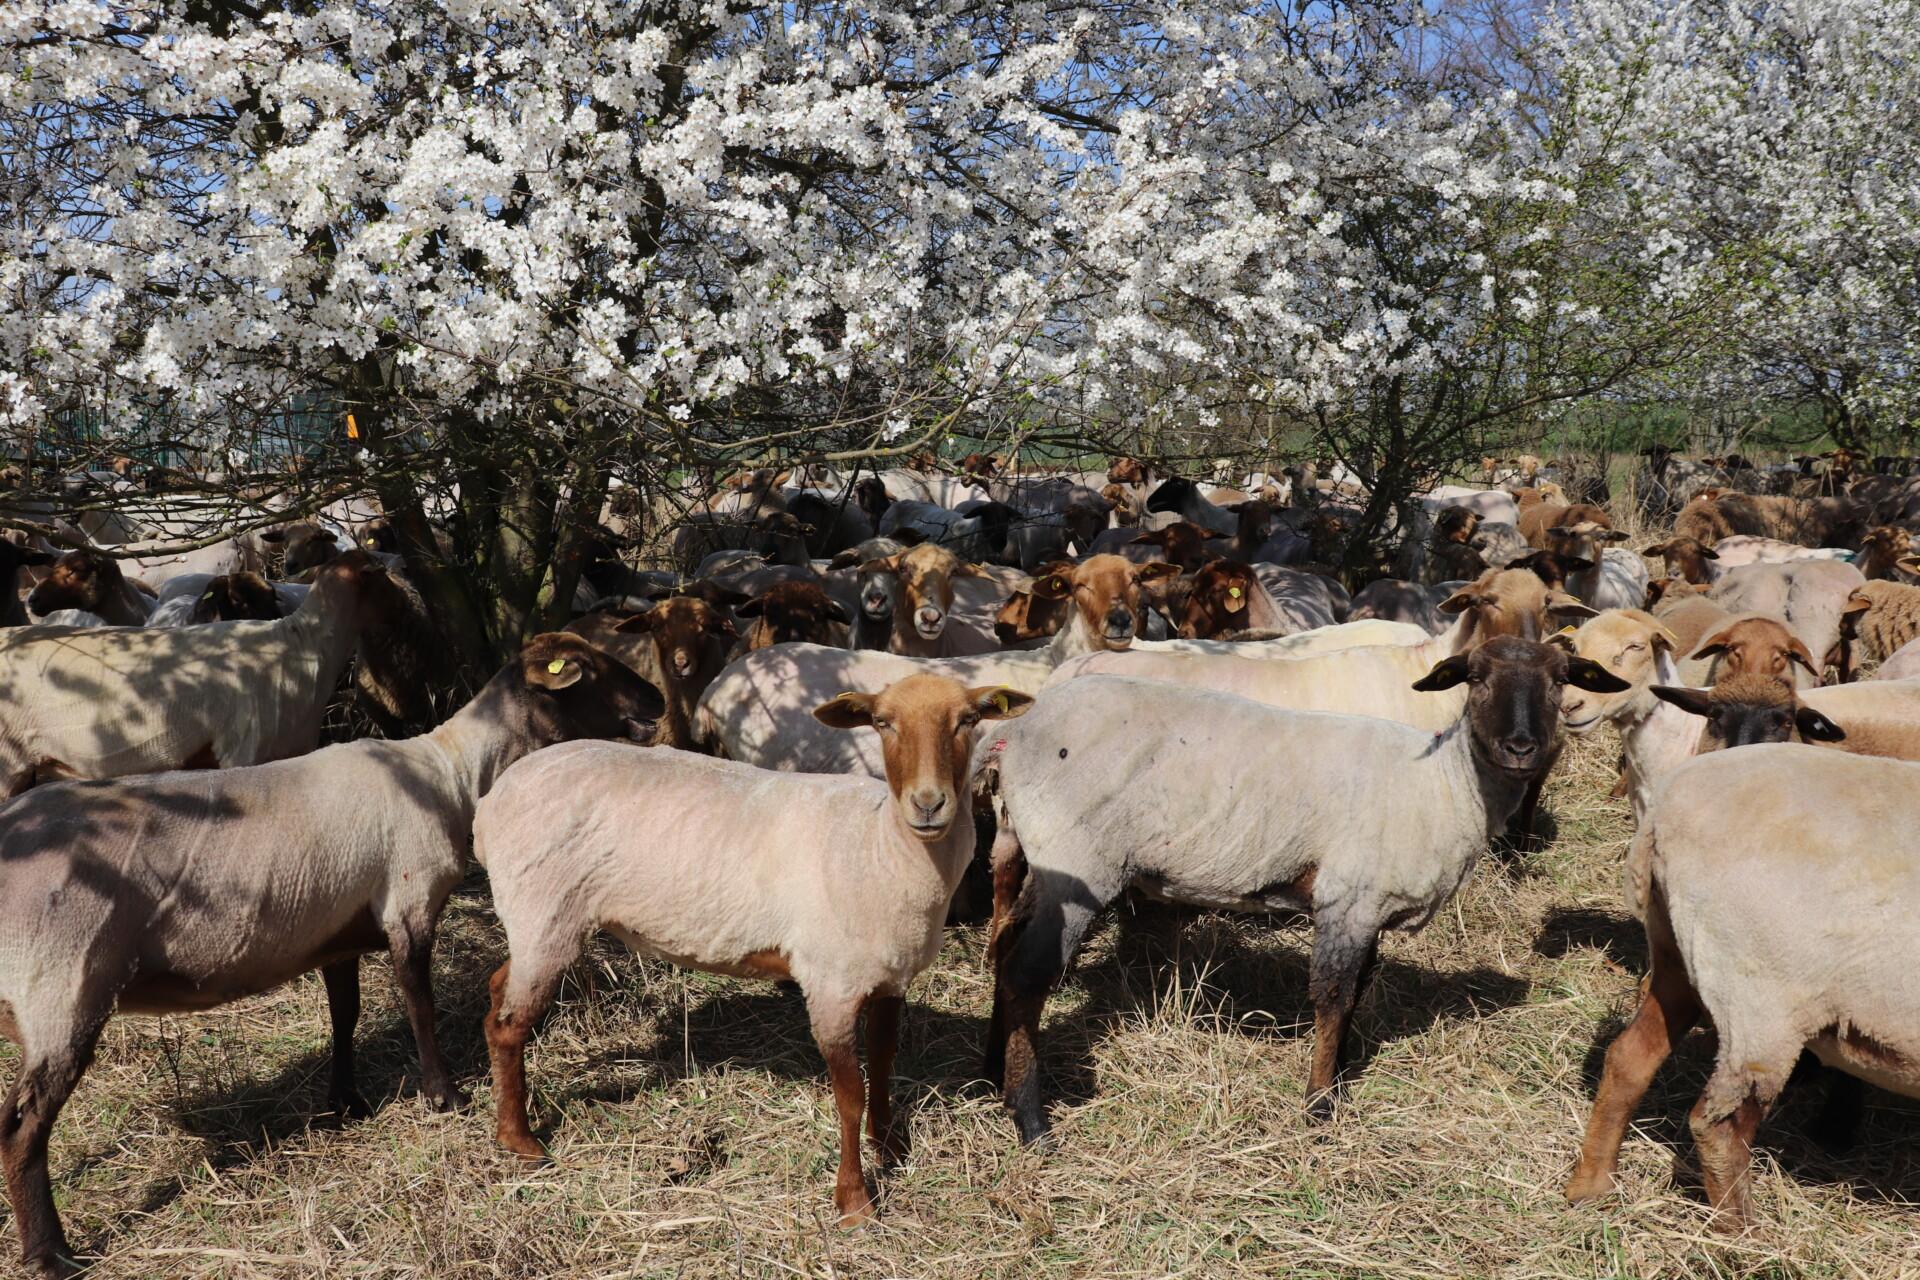 Strzyżenie stada owiec wypasanego na murawach projektu INT162